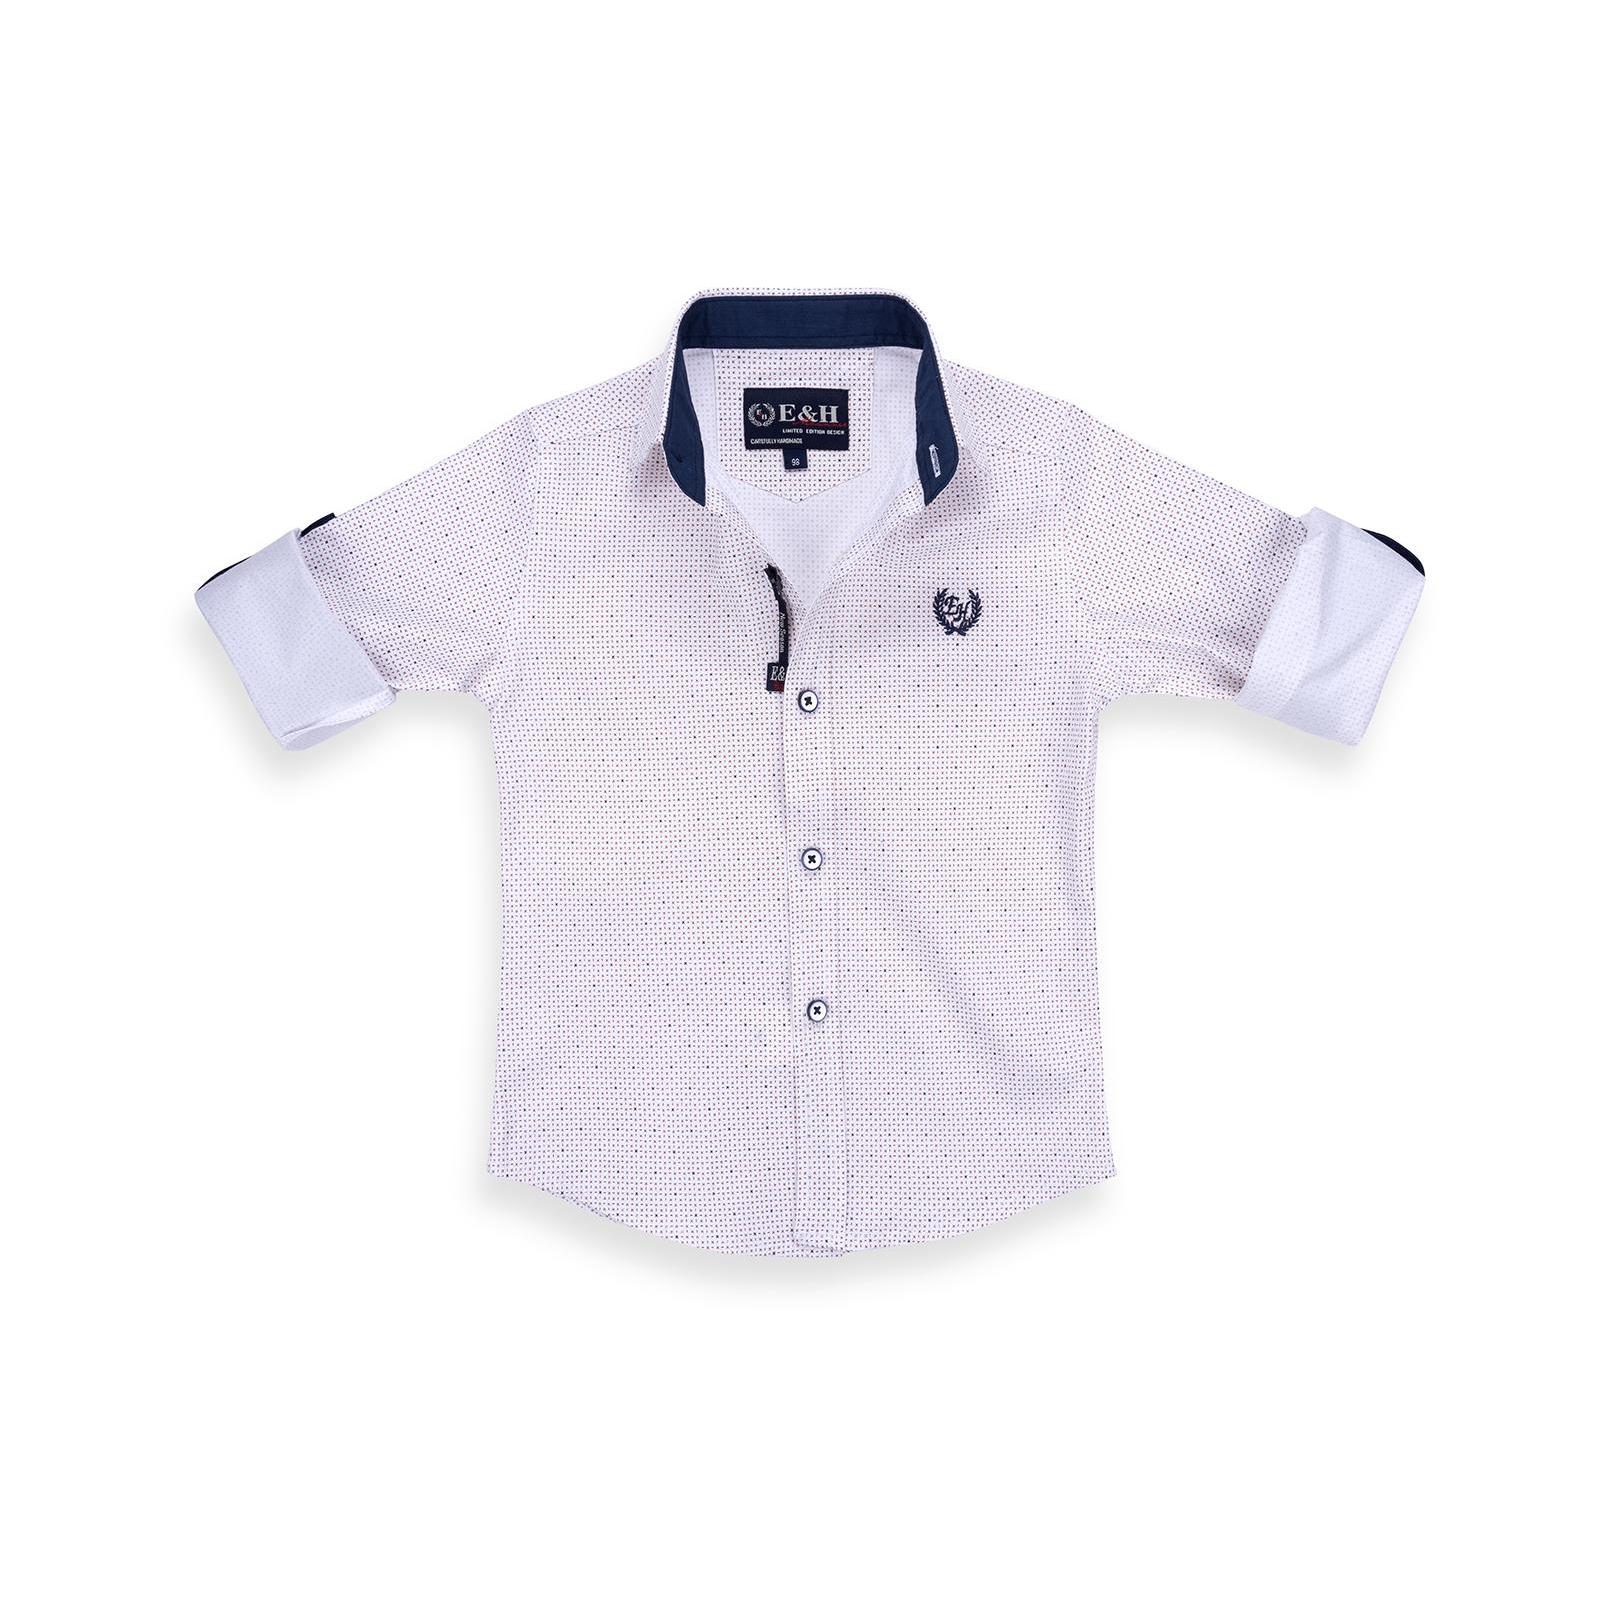 Рубашка E&H с мелким рисунком (G-257-98B-beige) изображение 5